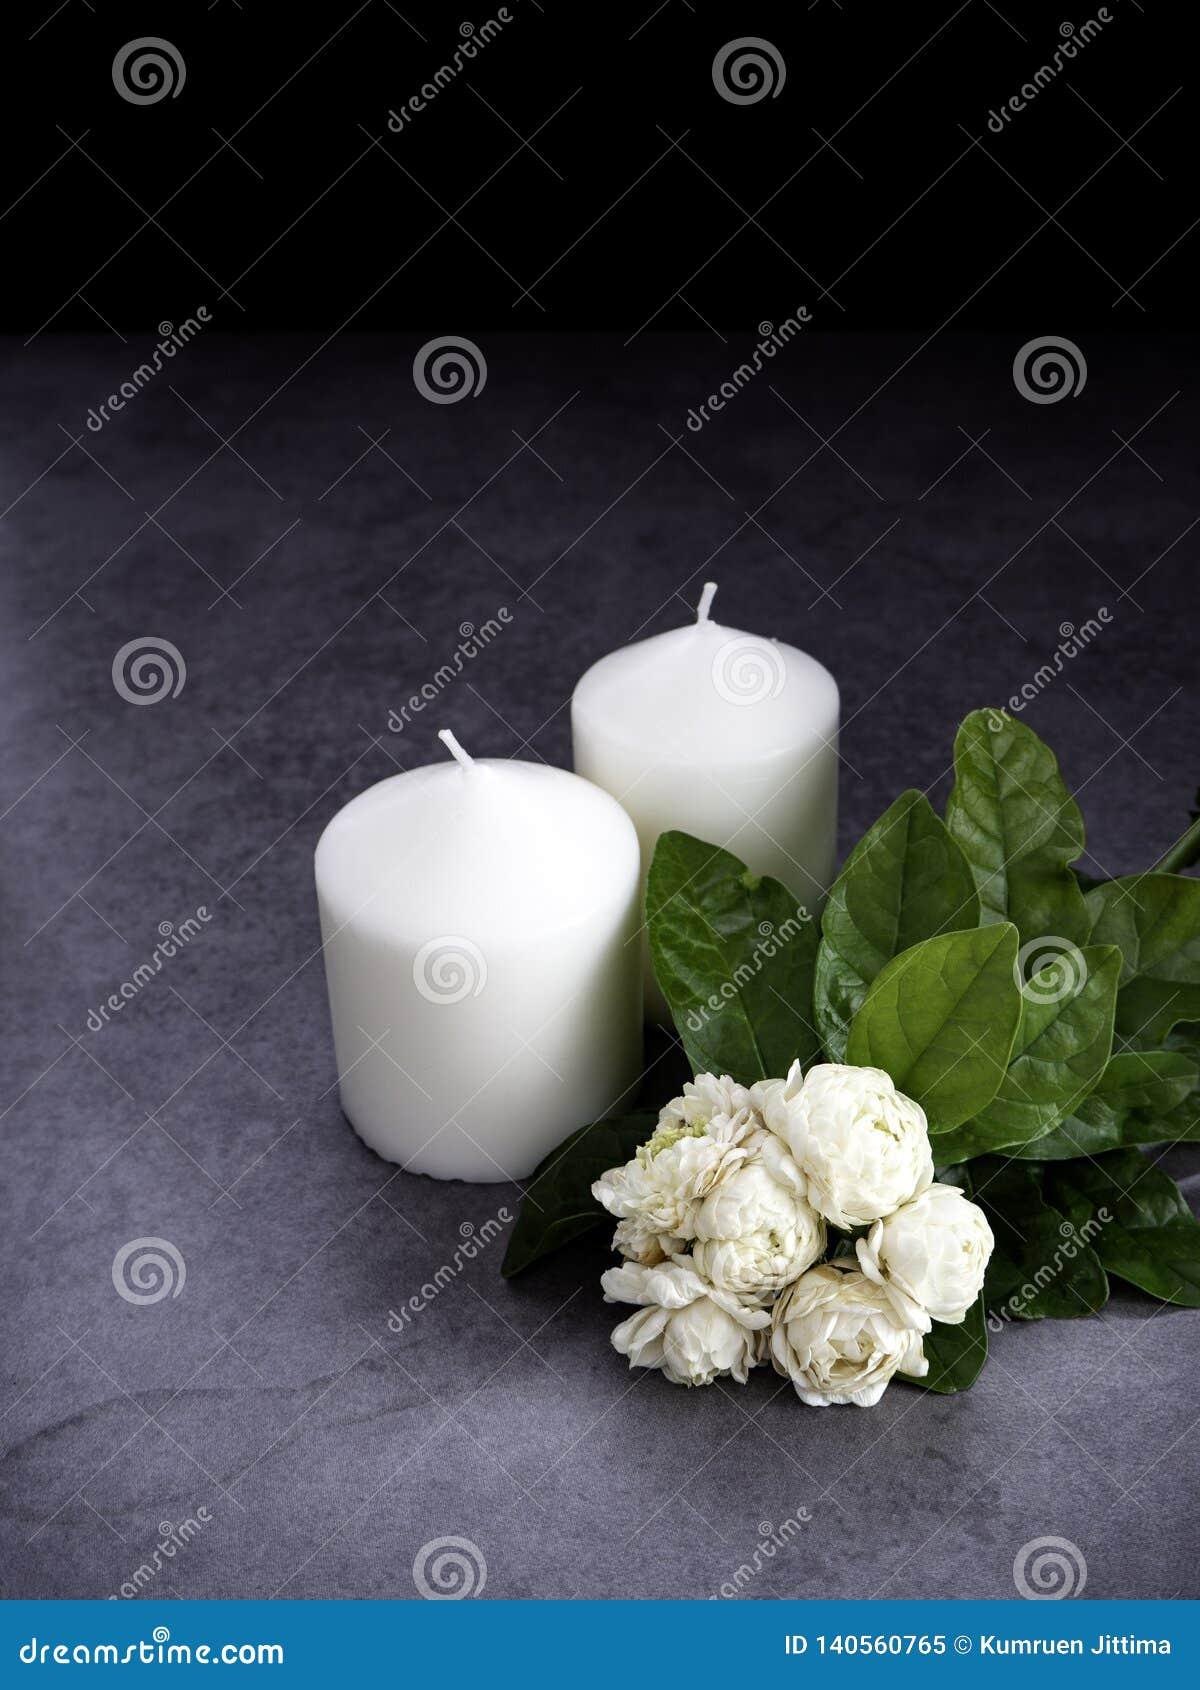 Gelsomino e candele su fondo scuro